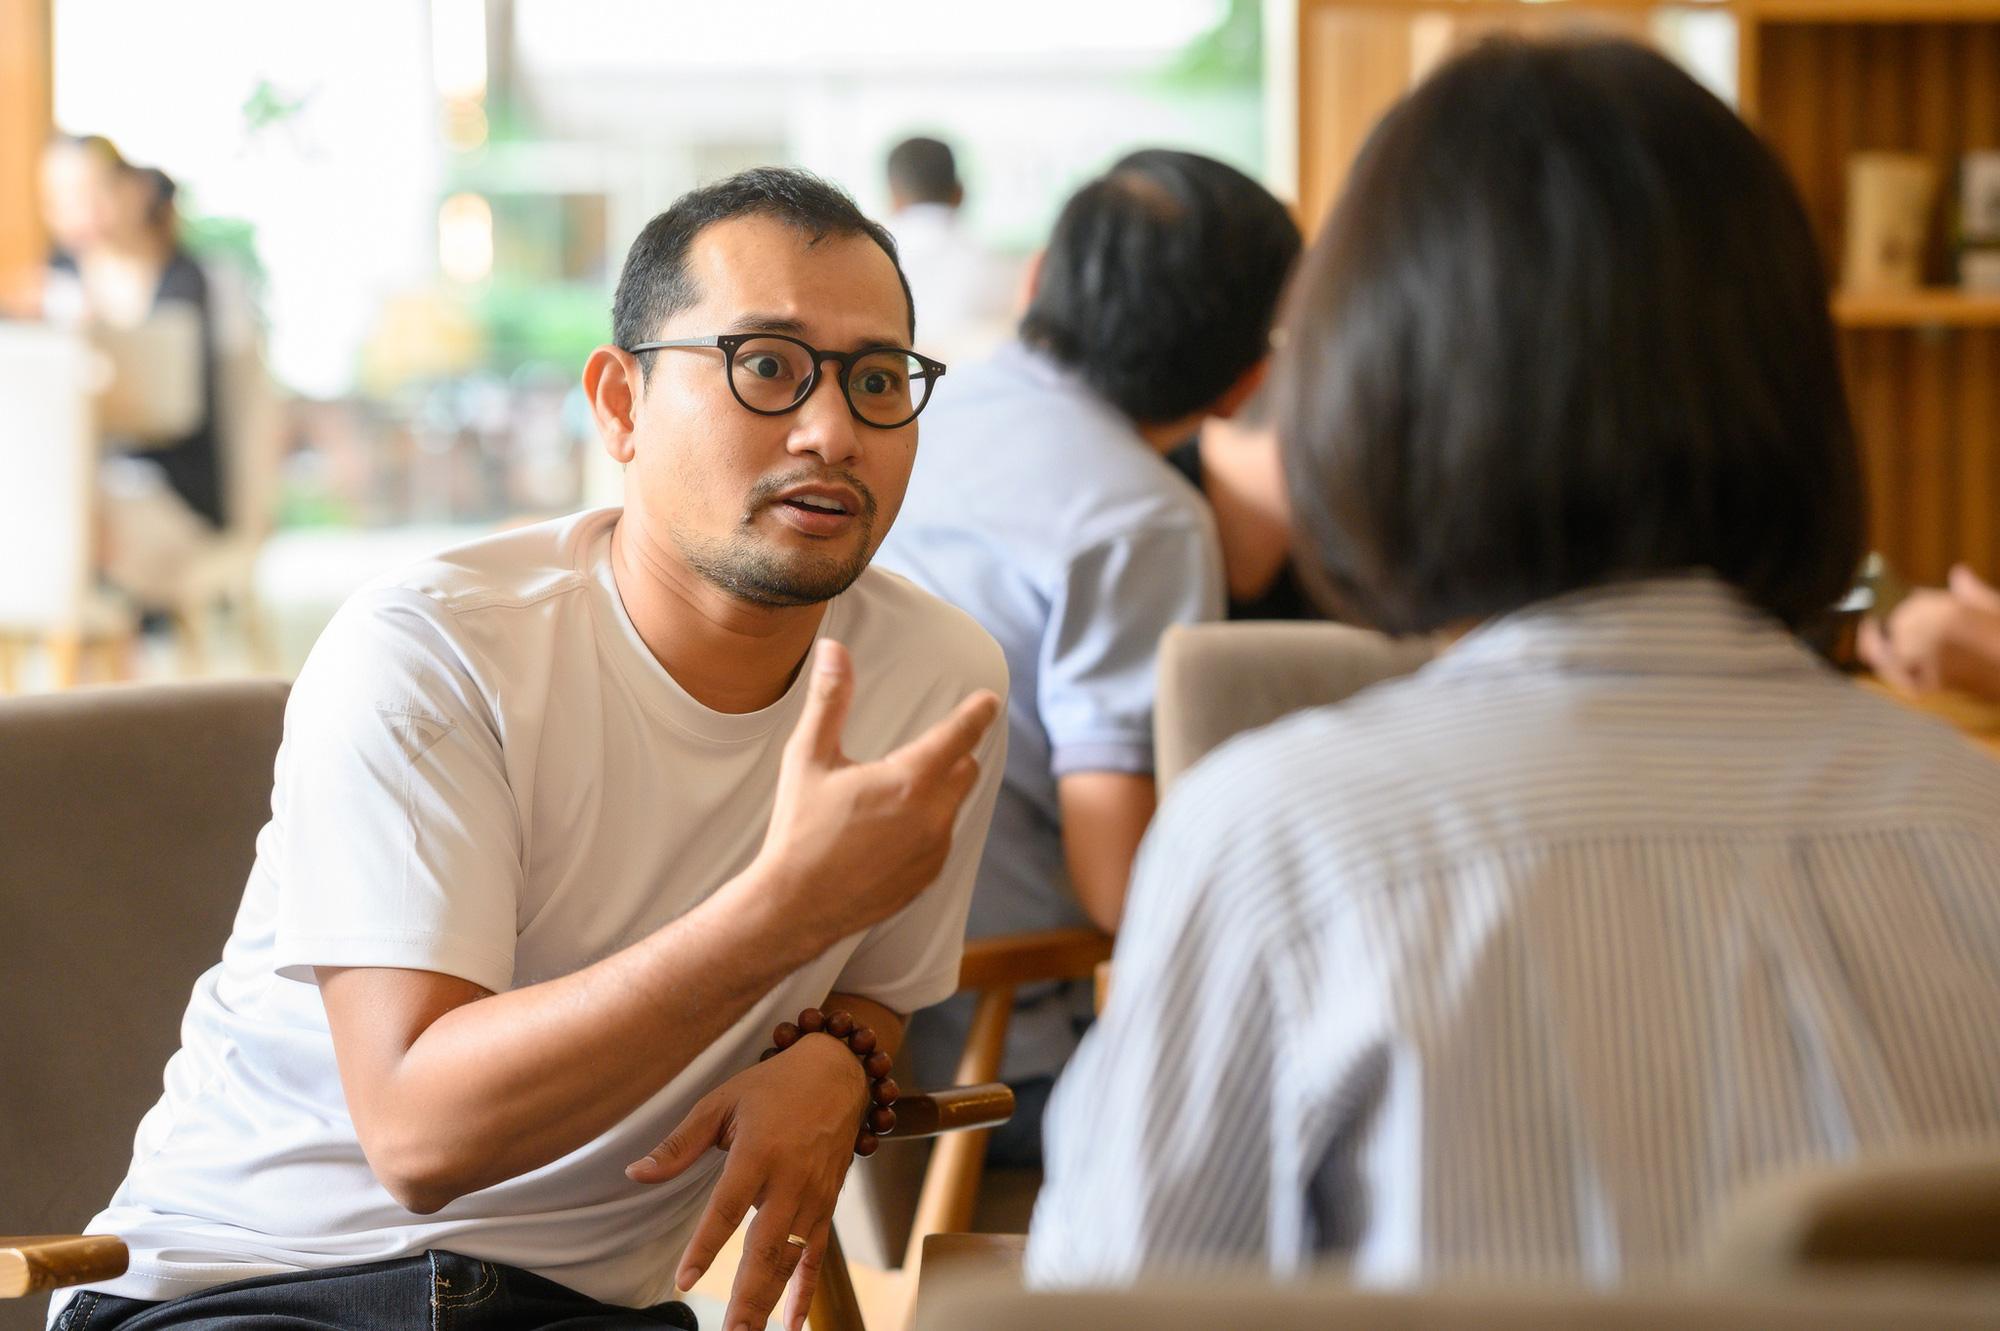 """Huỳnh Đông: Nếu được, tôi xin anh Lý Hải làm lại toàn bộ """"Lật mặt: 48h"""" - Ảnh 3."""